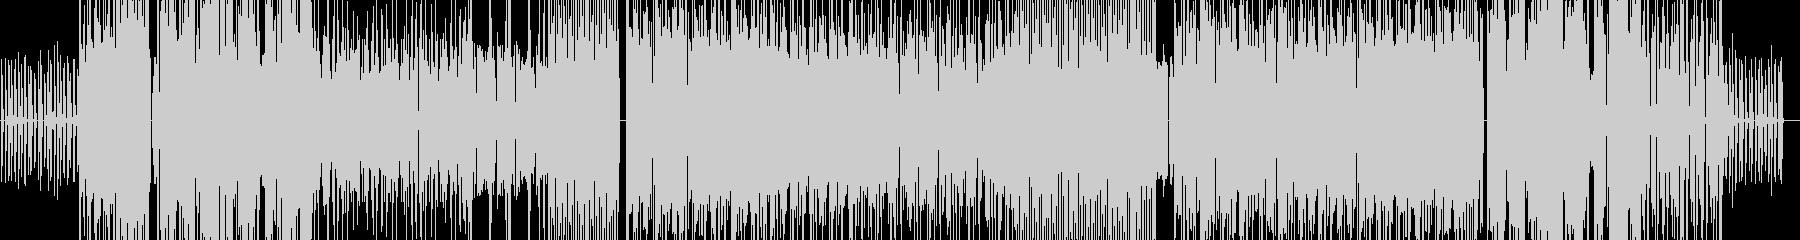 フューチャー風なポップス(メロディなし)の未再生の波形